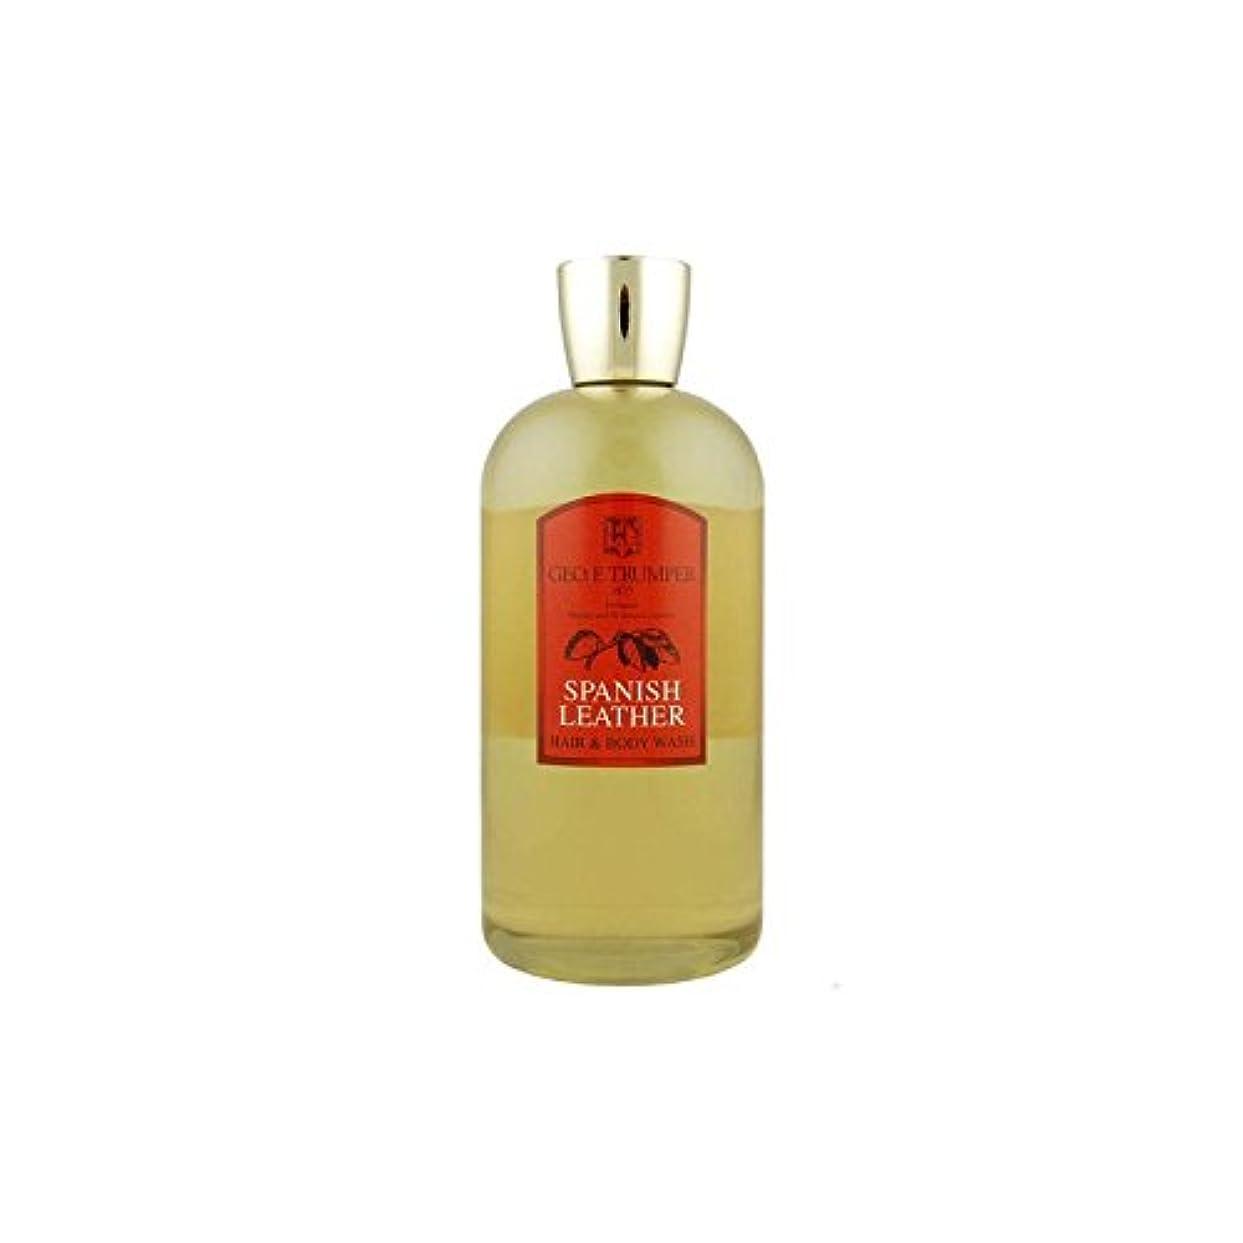 ローブ効能ある閉塞Trumpers Spanish Leather Hair and Body Wash - 500mlTravel Bottle (Pack of 6) - 革の髪とボディウォッシュスペイン語 - 500ボトル x6 [...